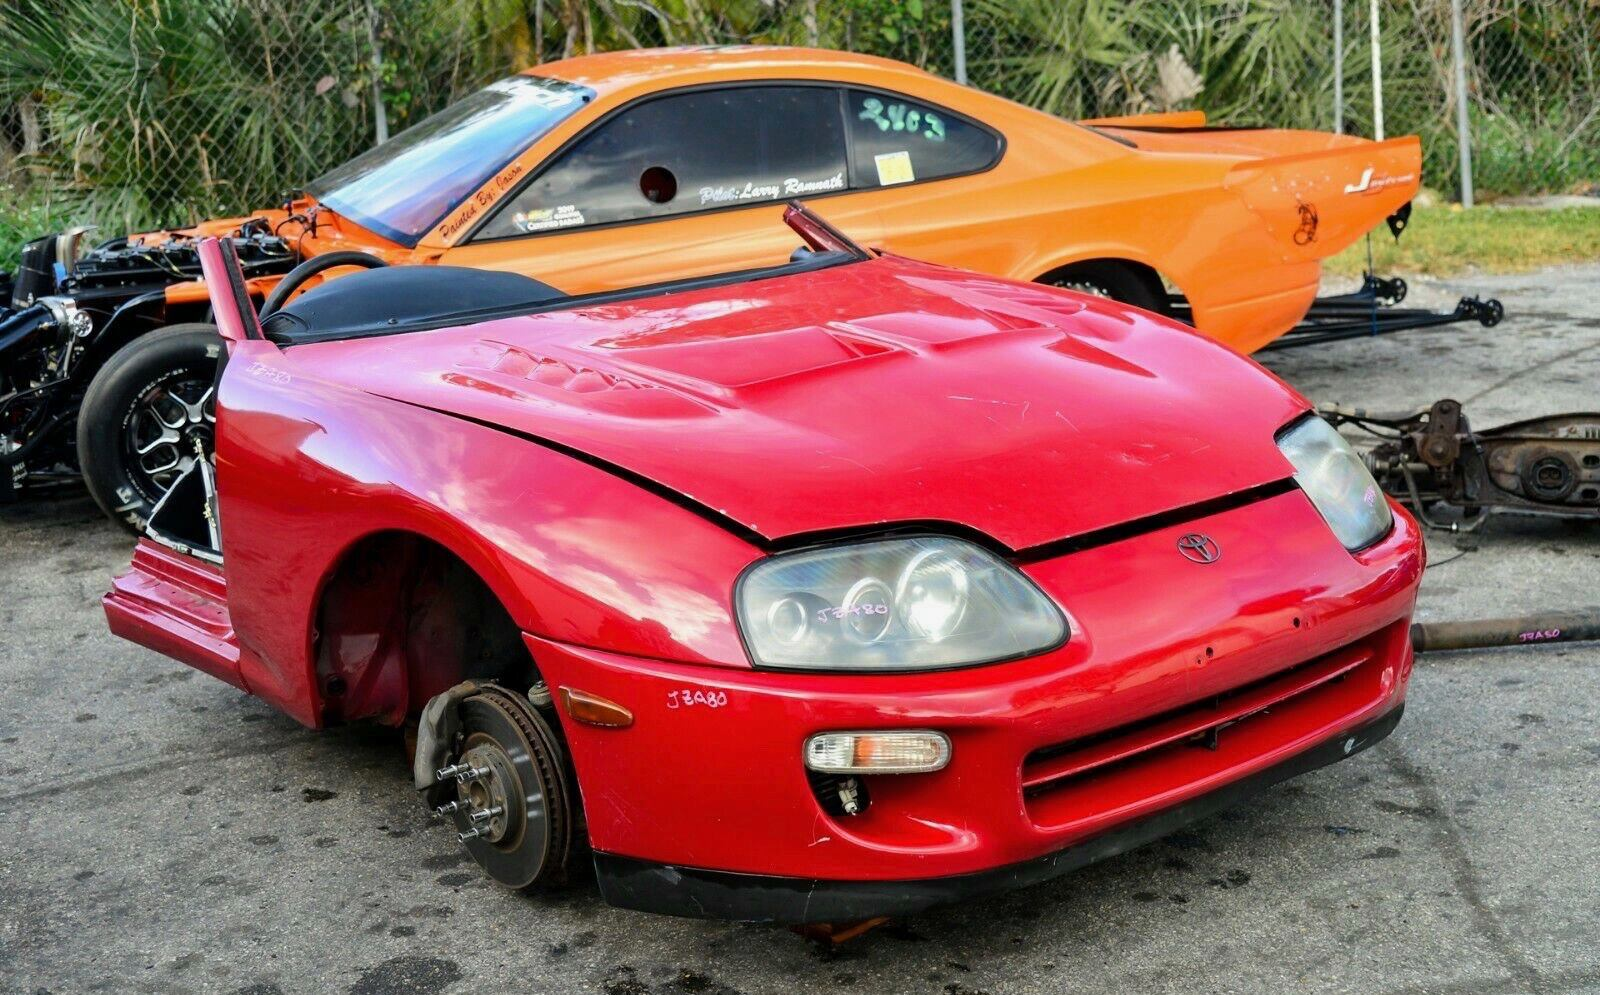 Photo Toyota Supra Turbo Front Clip Cut JDM OEM 2JZGTE JZA80 RHD Automatic Half MK4